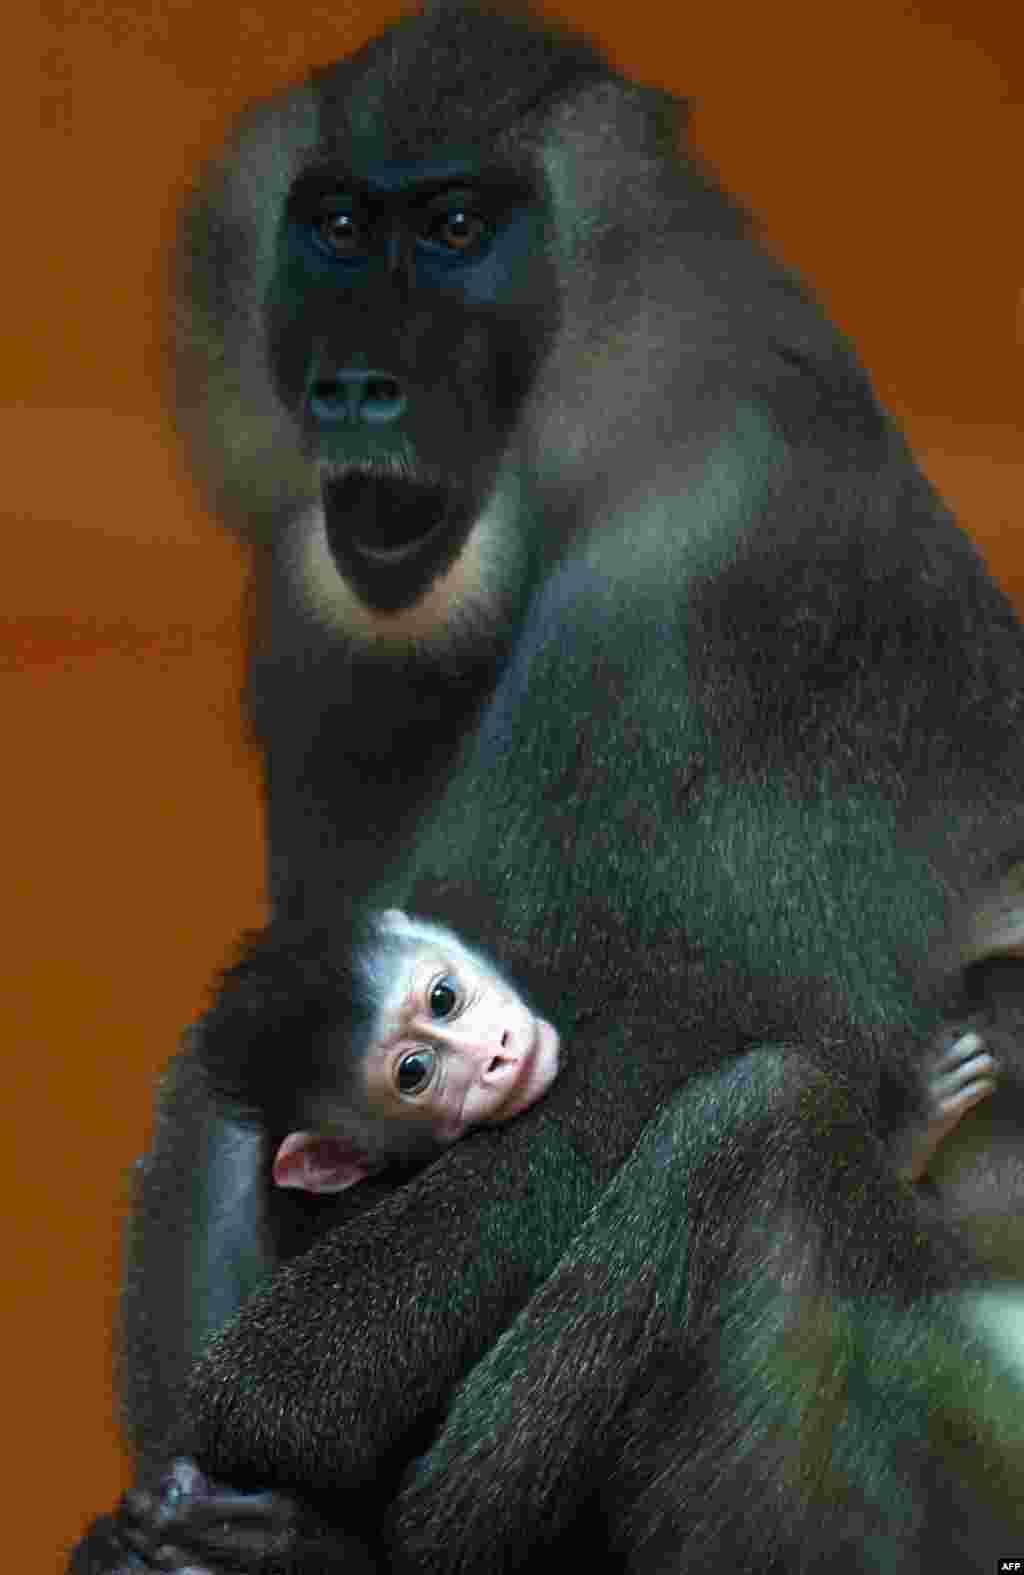 عکسی از یک بچه میمون سه هفته ای در آغوش مادرش در یک باغ وحش در مونیخ آلمان